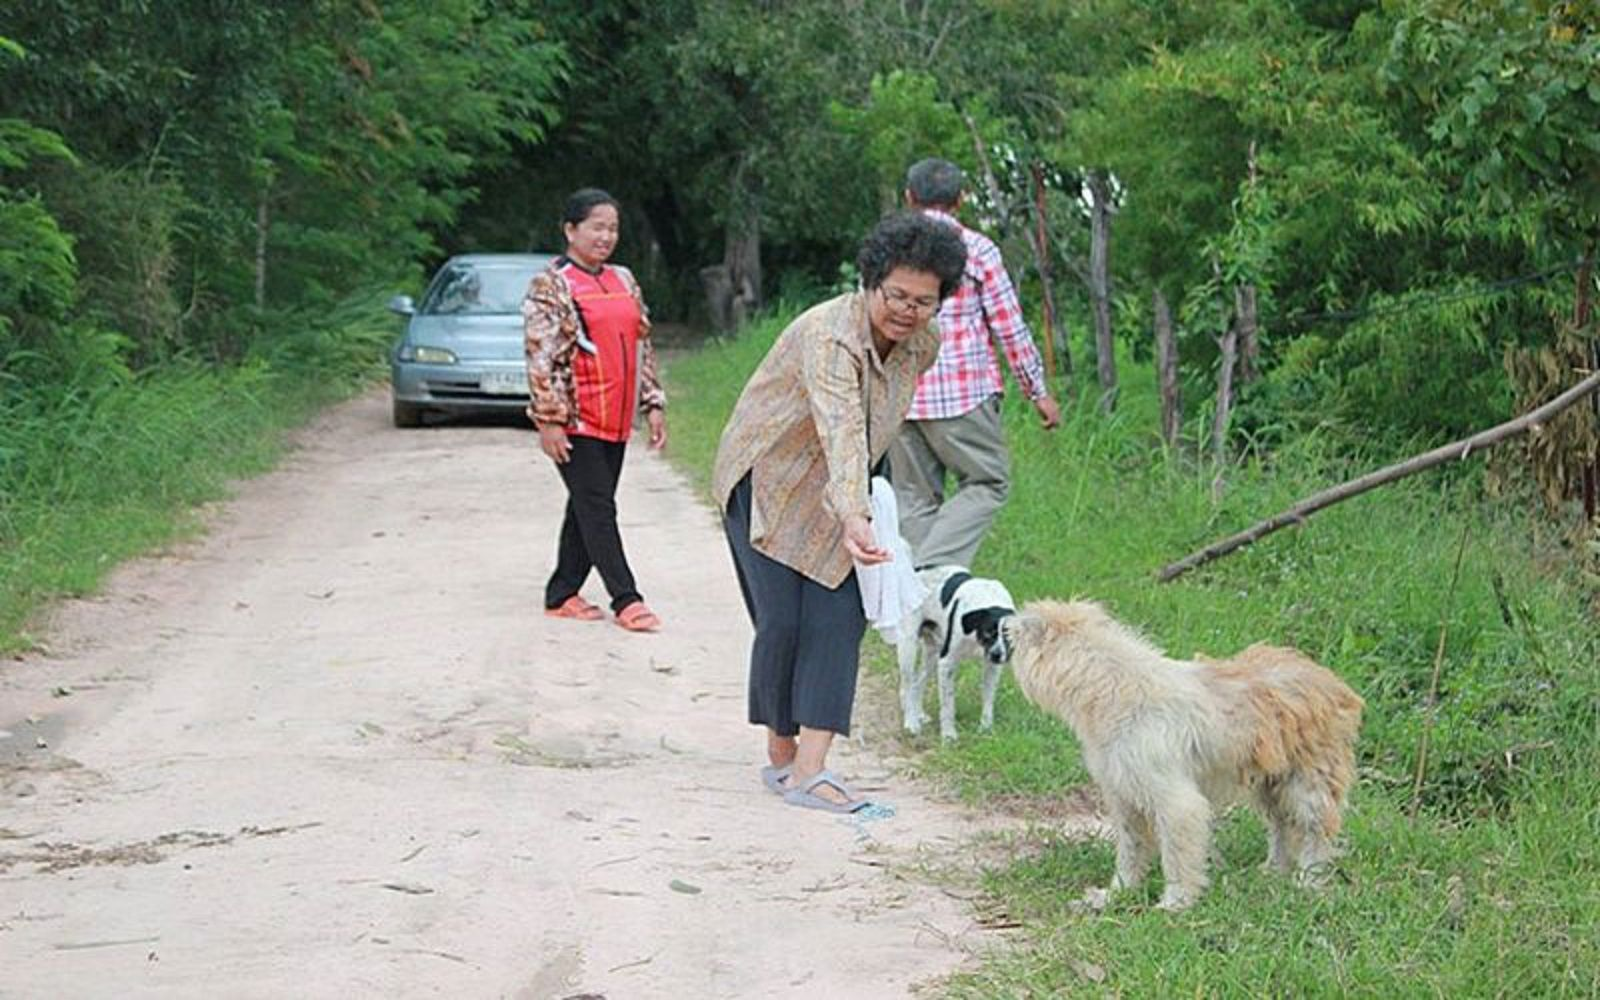 El perro se emocionó cuando vio a sus dueños